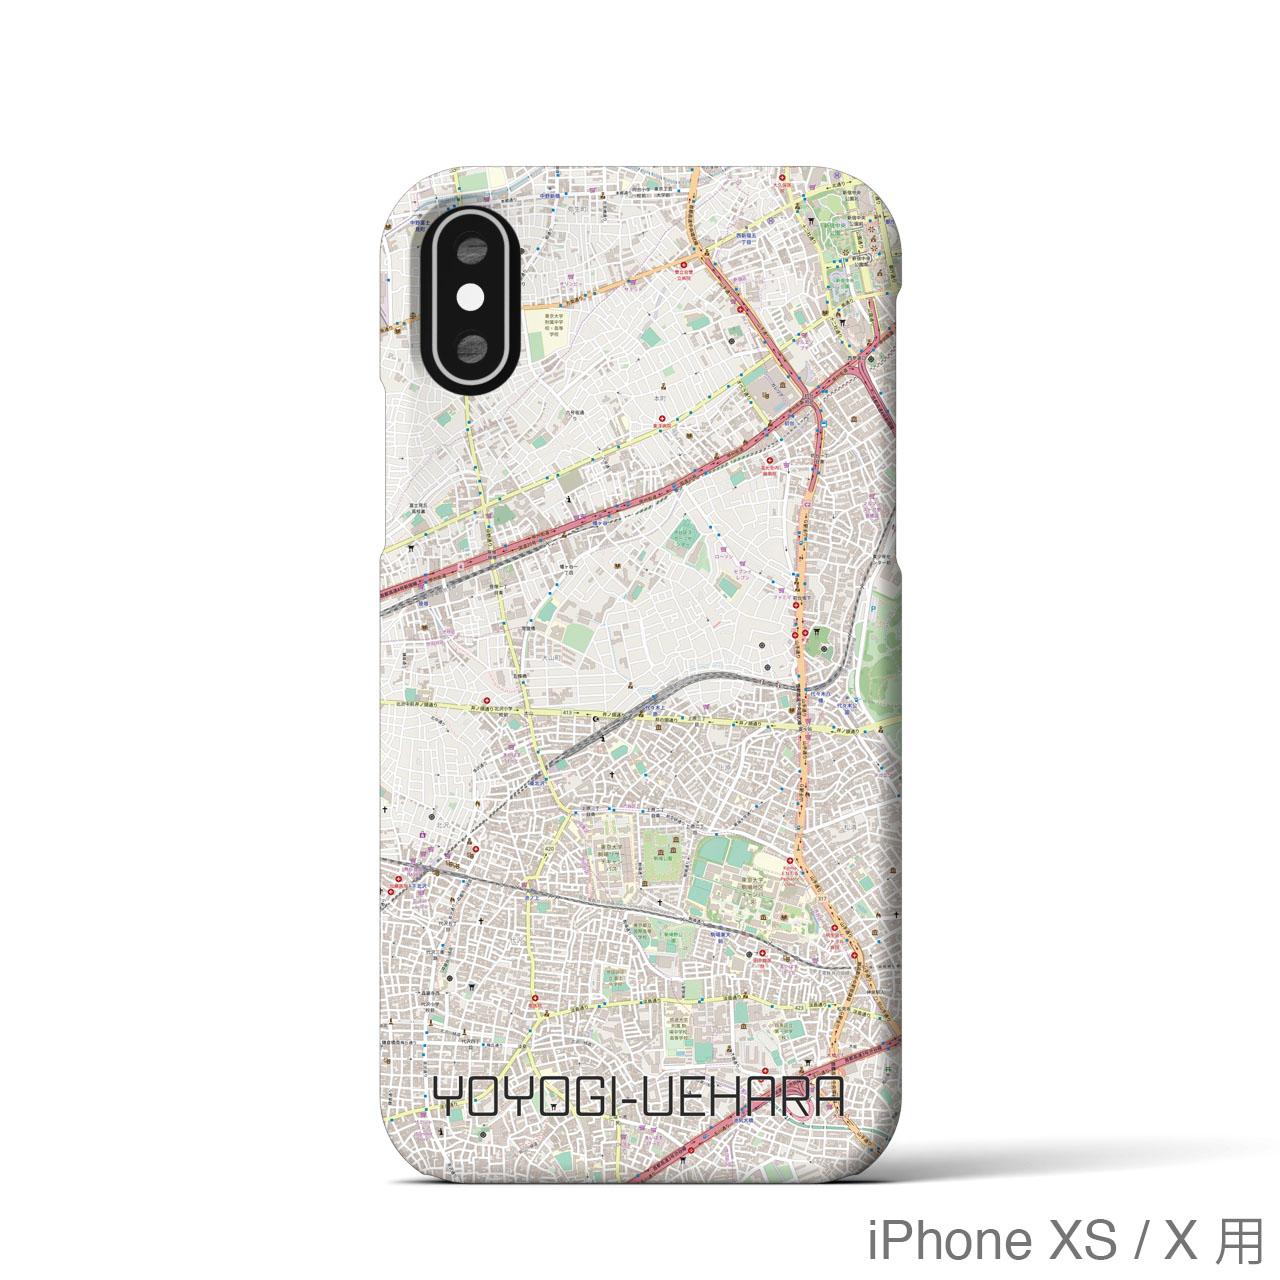 【代々木上原】地図柄iPhoneケース(バックカバータイプ・ナチュラル)